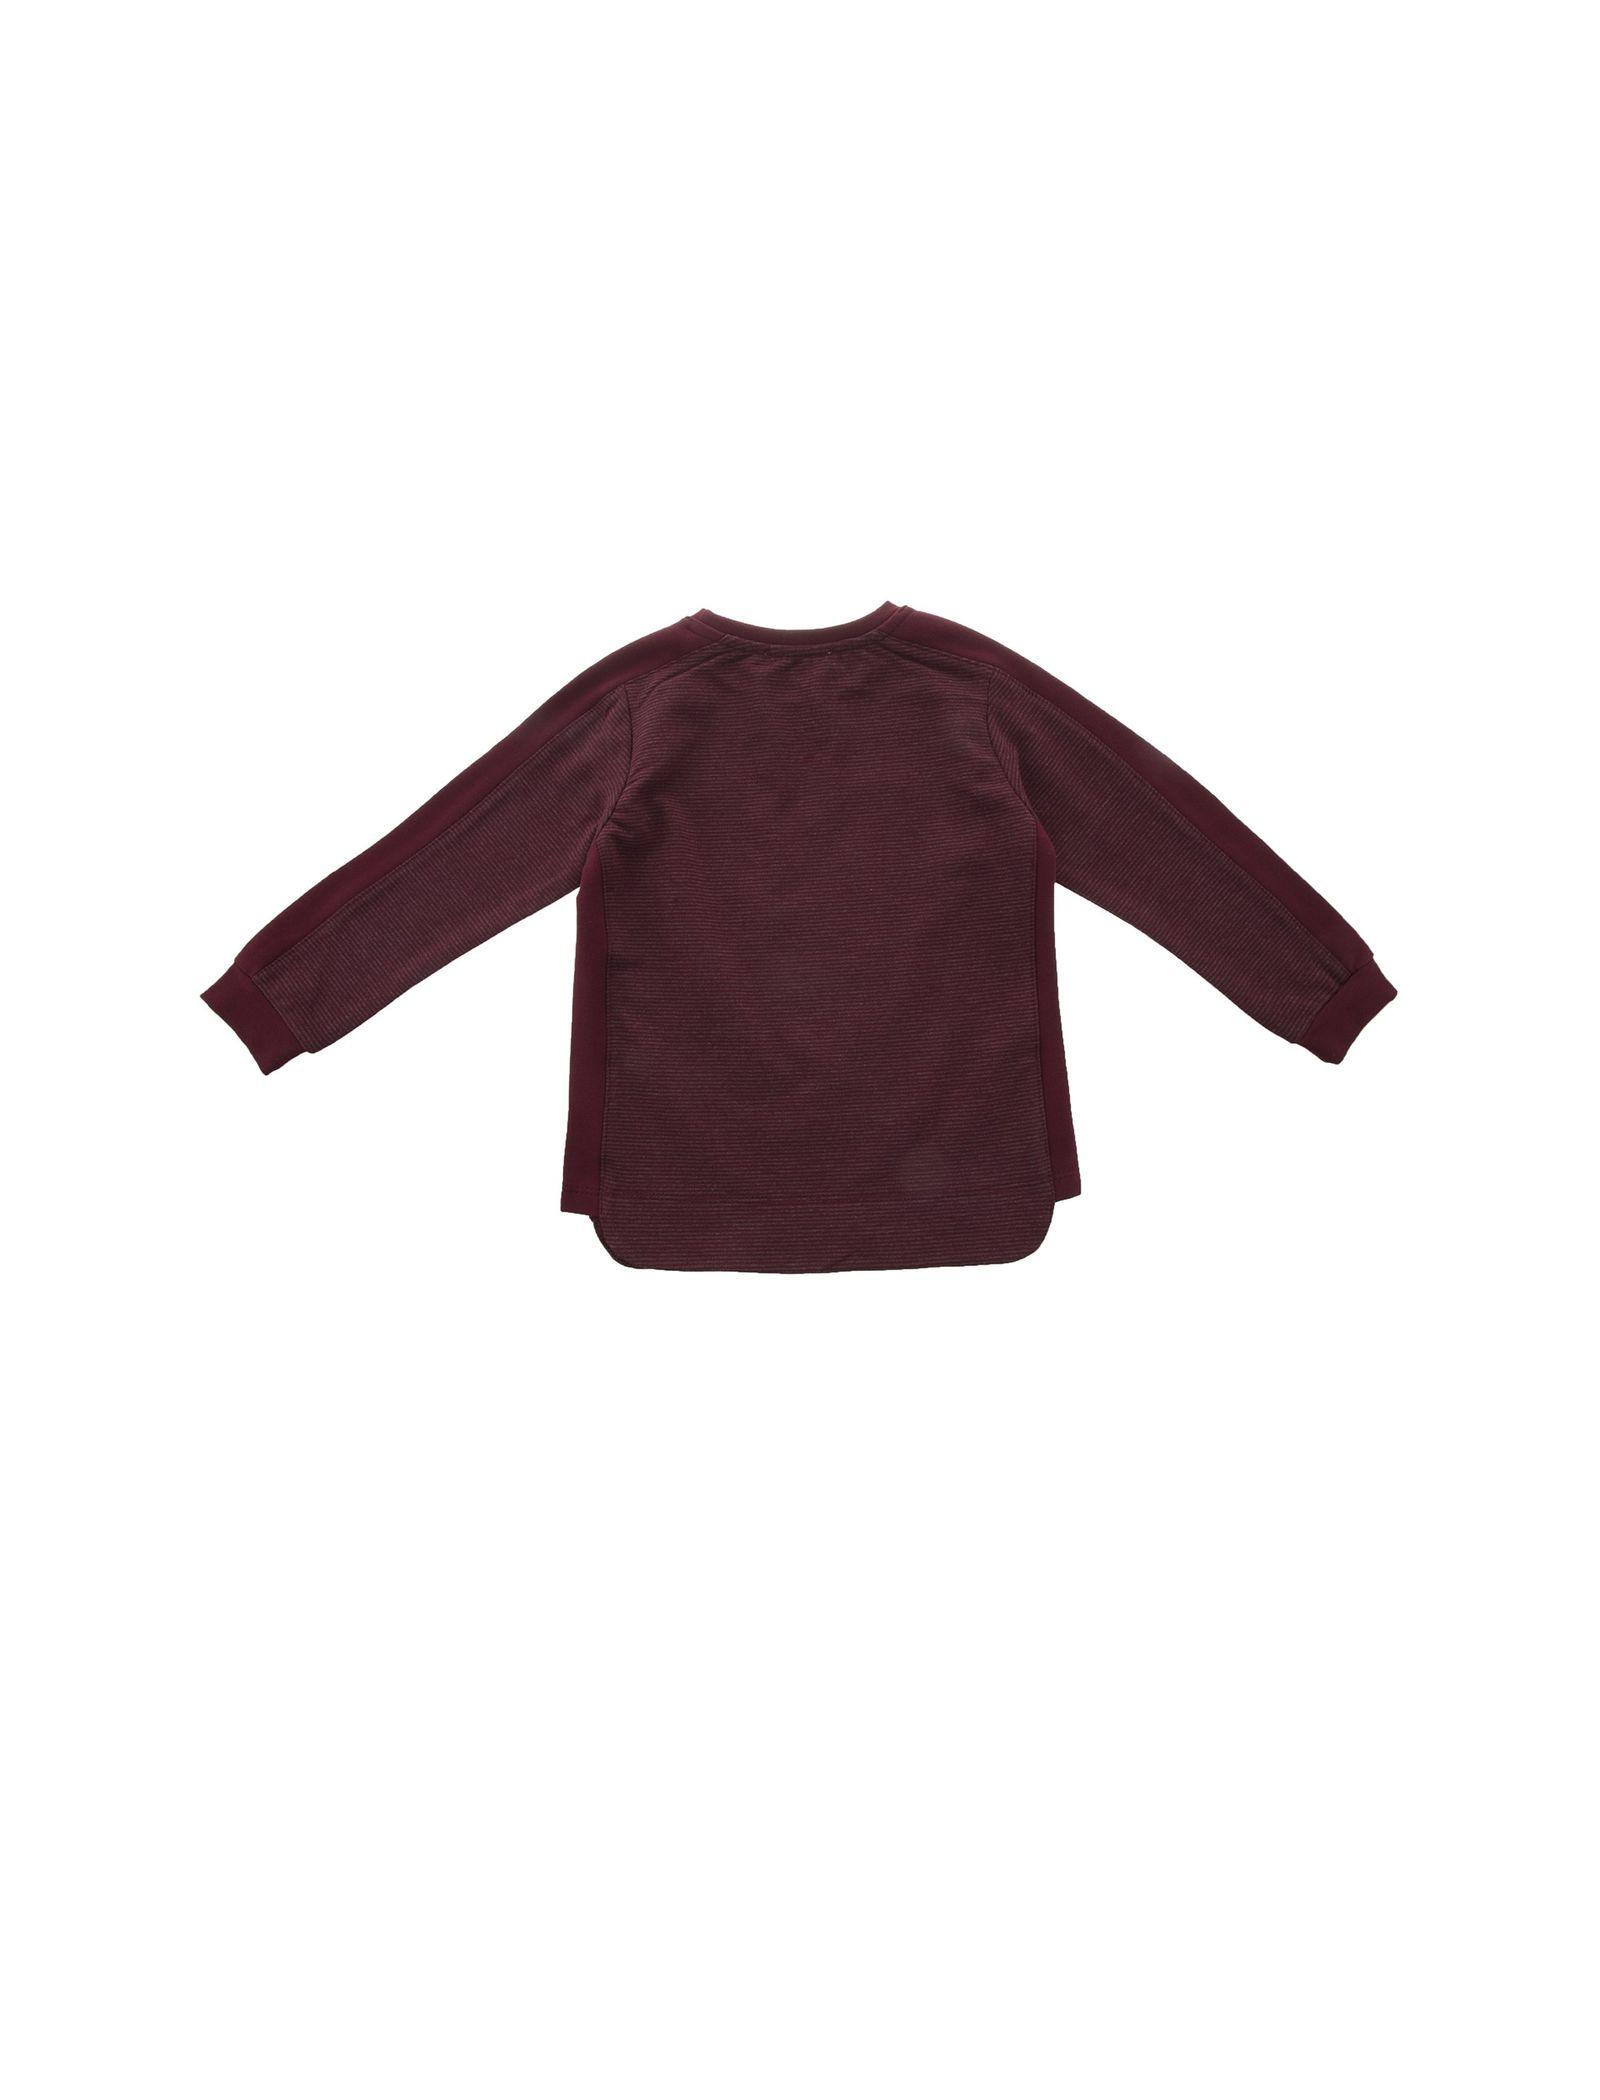 تی شرت و شلوار نخی دخترانه - پیانو - زرشکي - 3